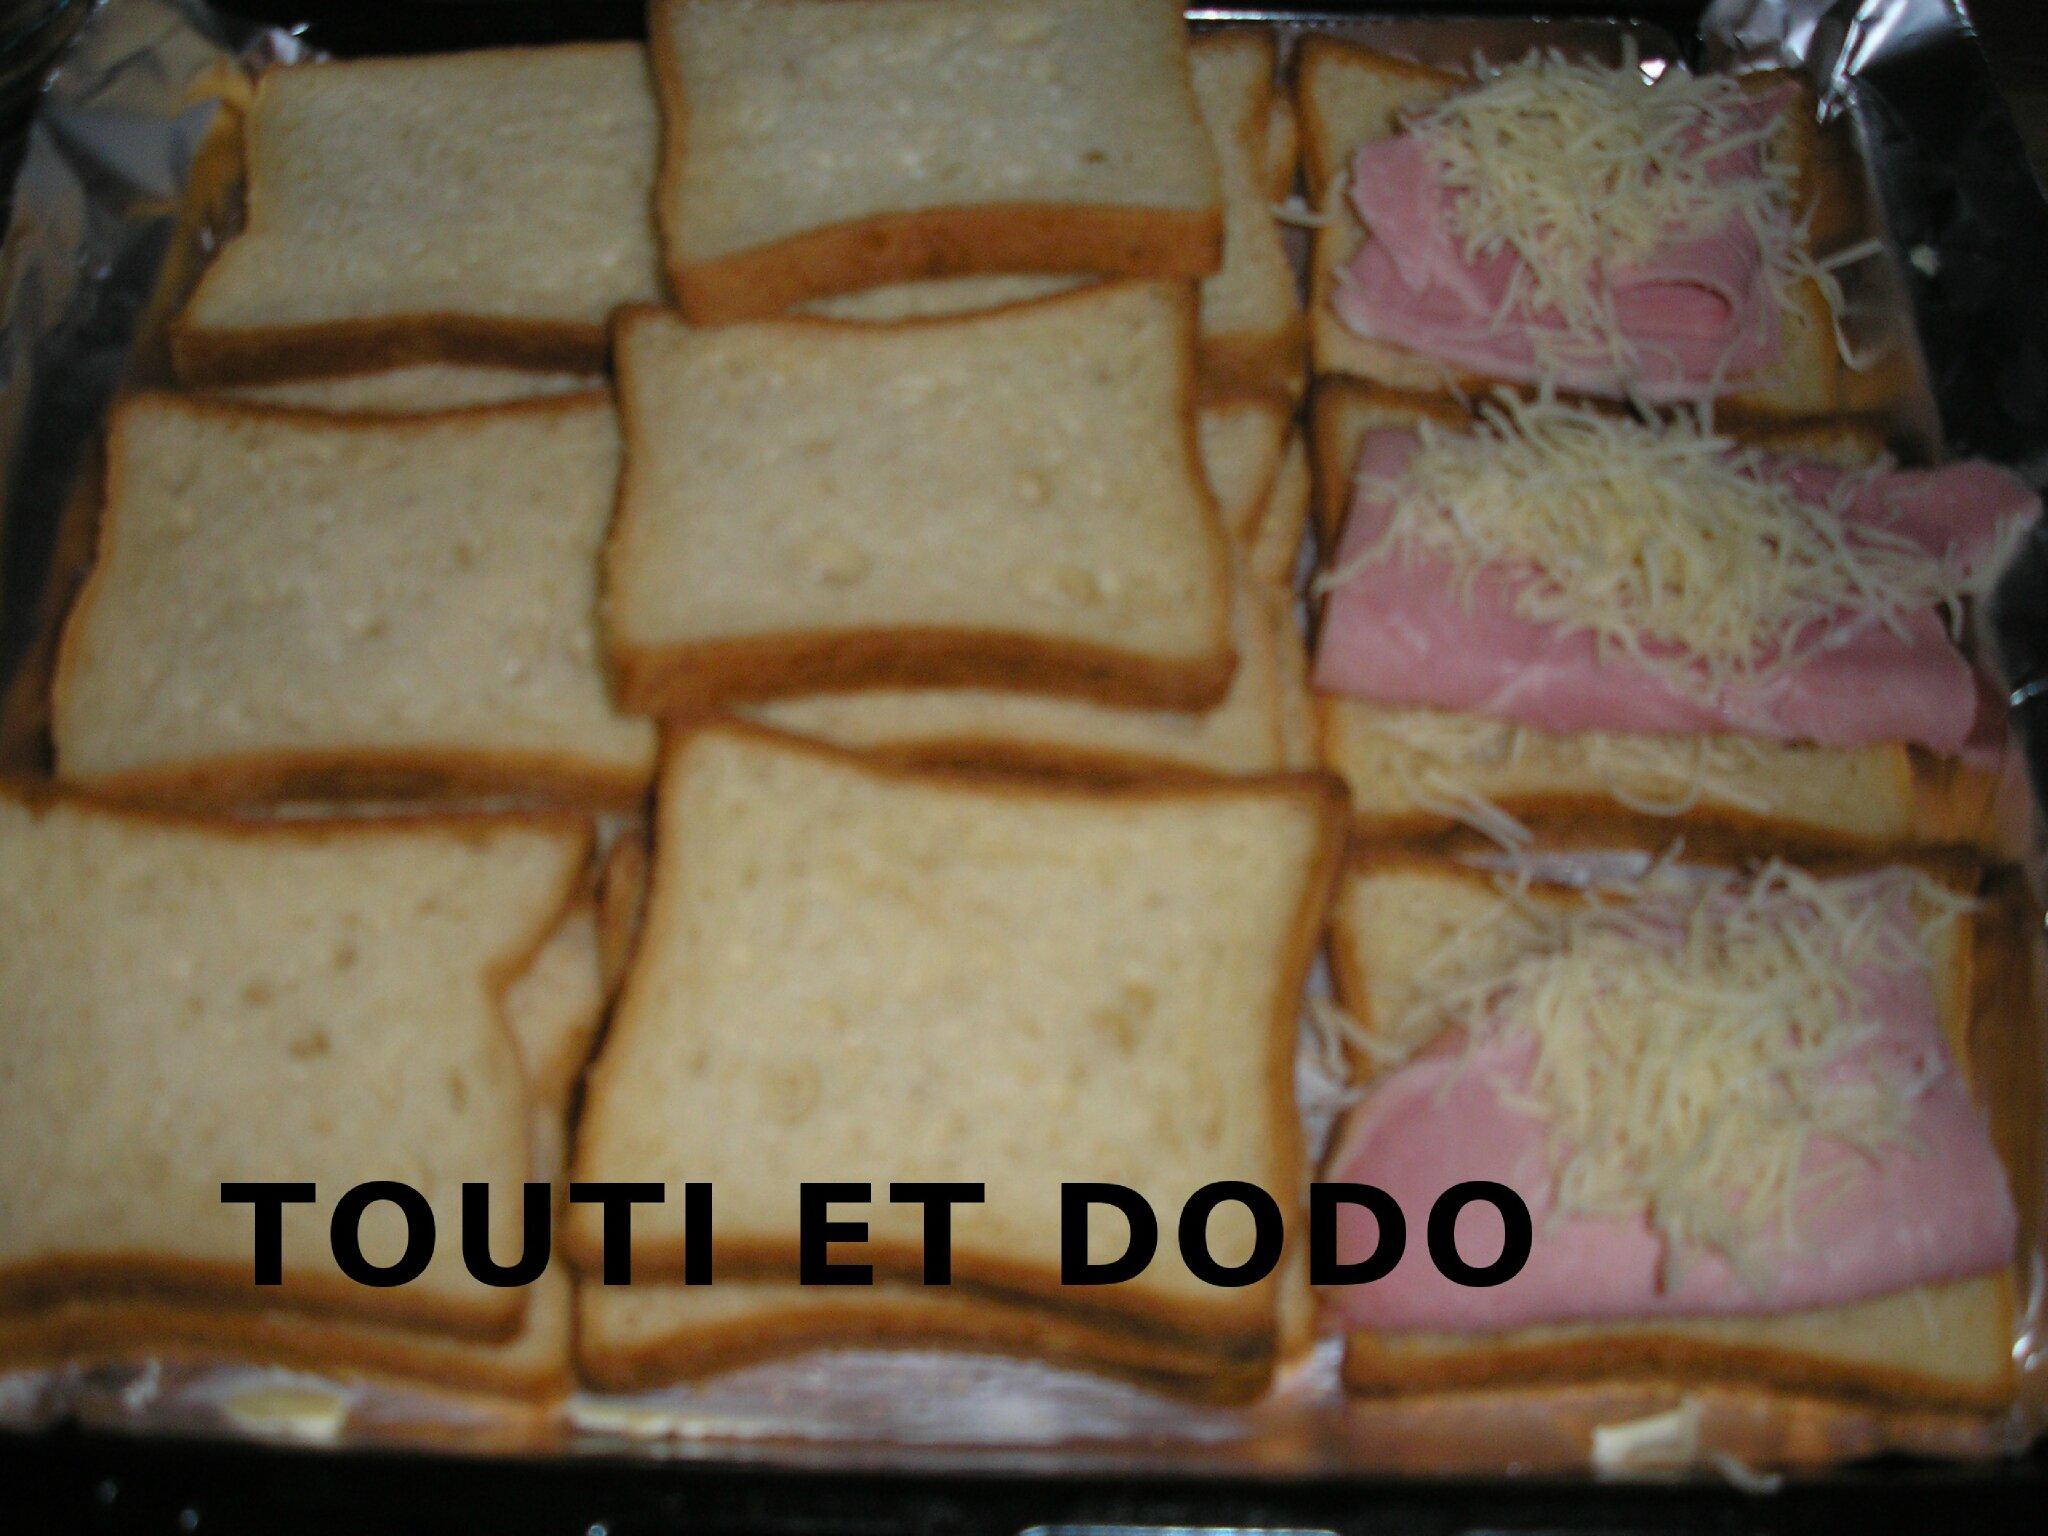 Croque monsieur au four la cuisine des oursons gourmands touti et dodo - Sachet cuisson croque monsieur grille pain ...